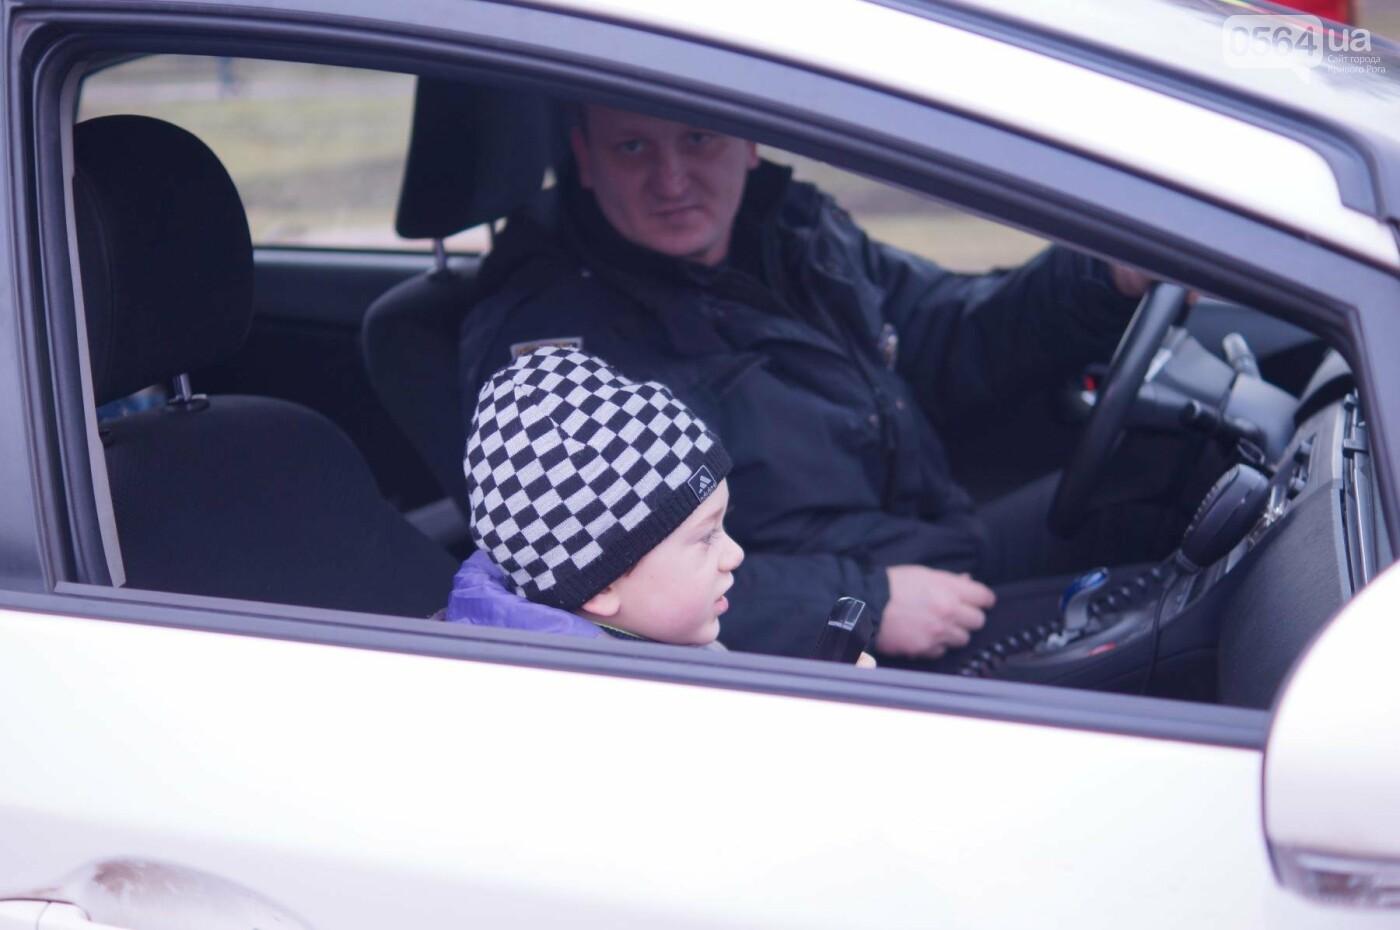 Встреча криворожских полицейских с детьми закончилась преждевременно (ФОТО), фото-21